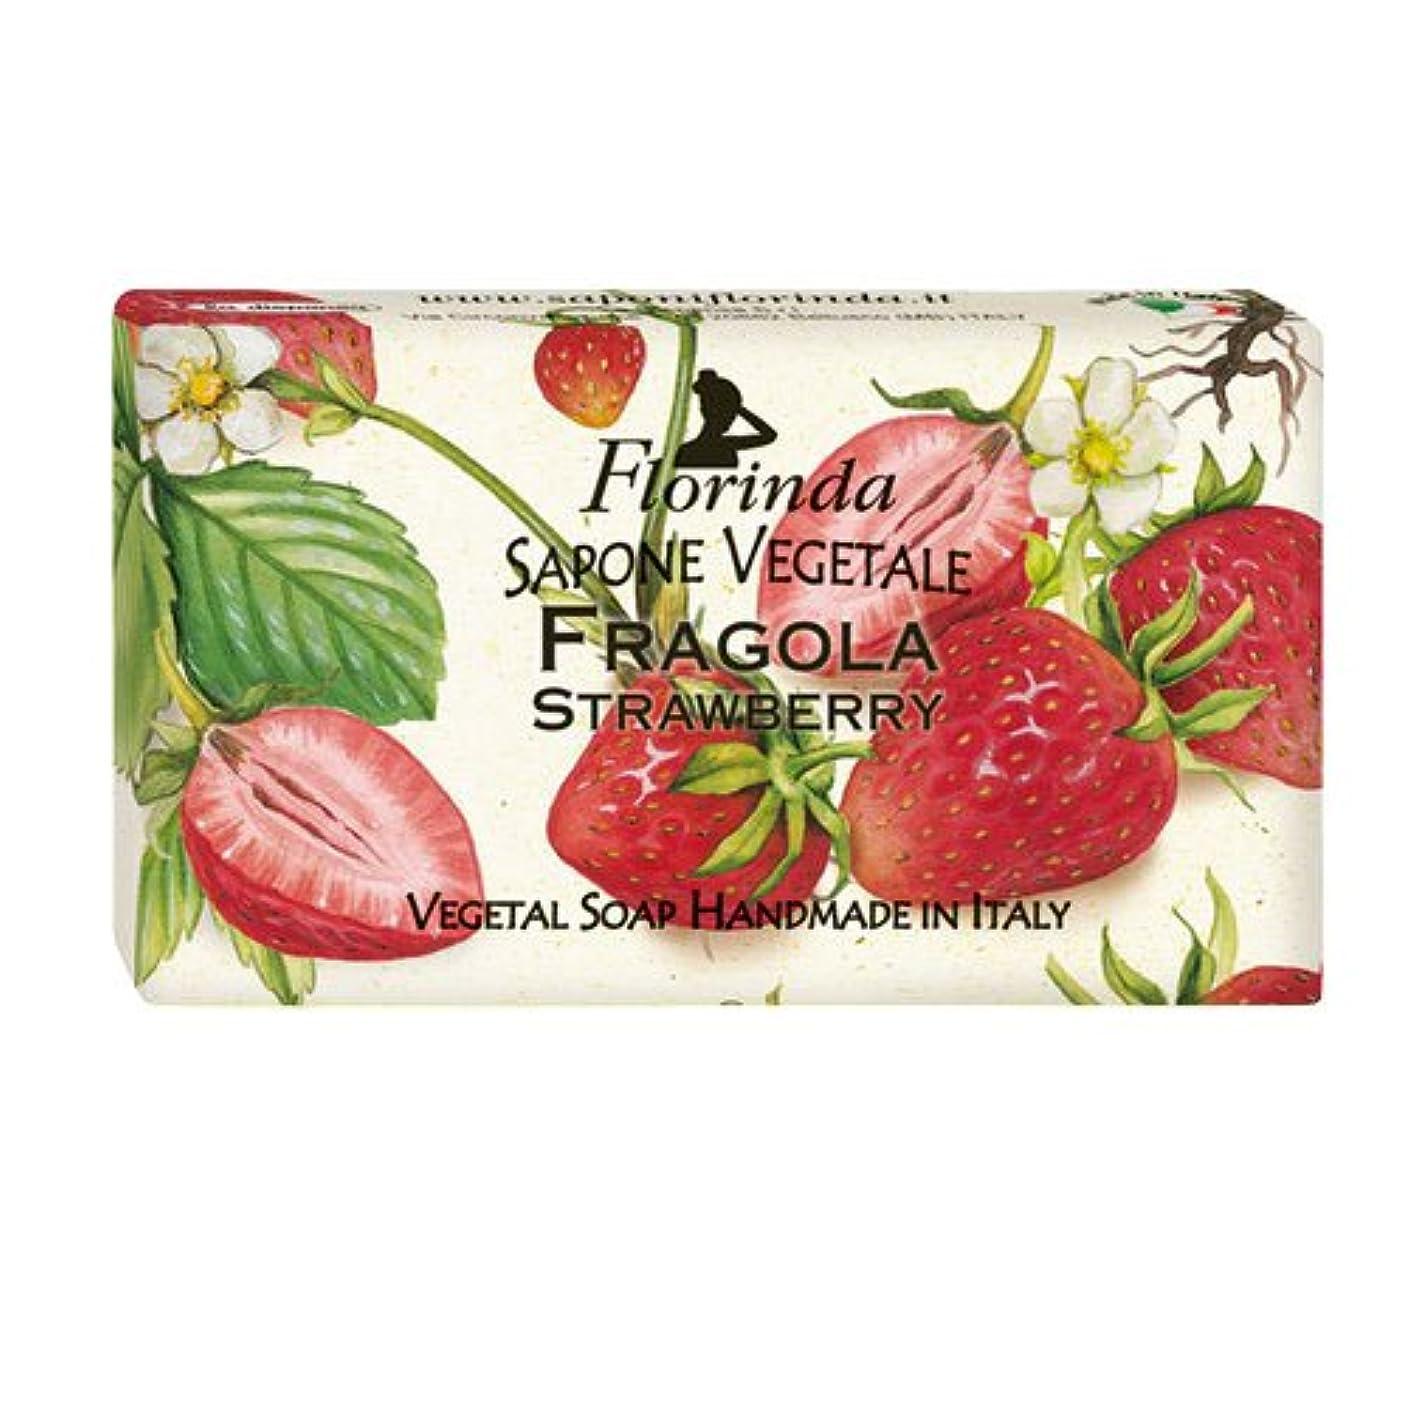 差別化する厚い無限フロリンダ フレグランスソープ フルーツ ストロベリー 95g